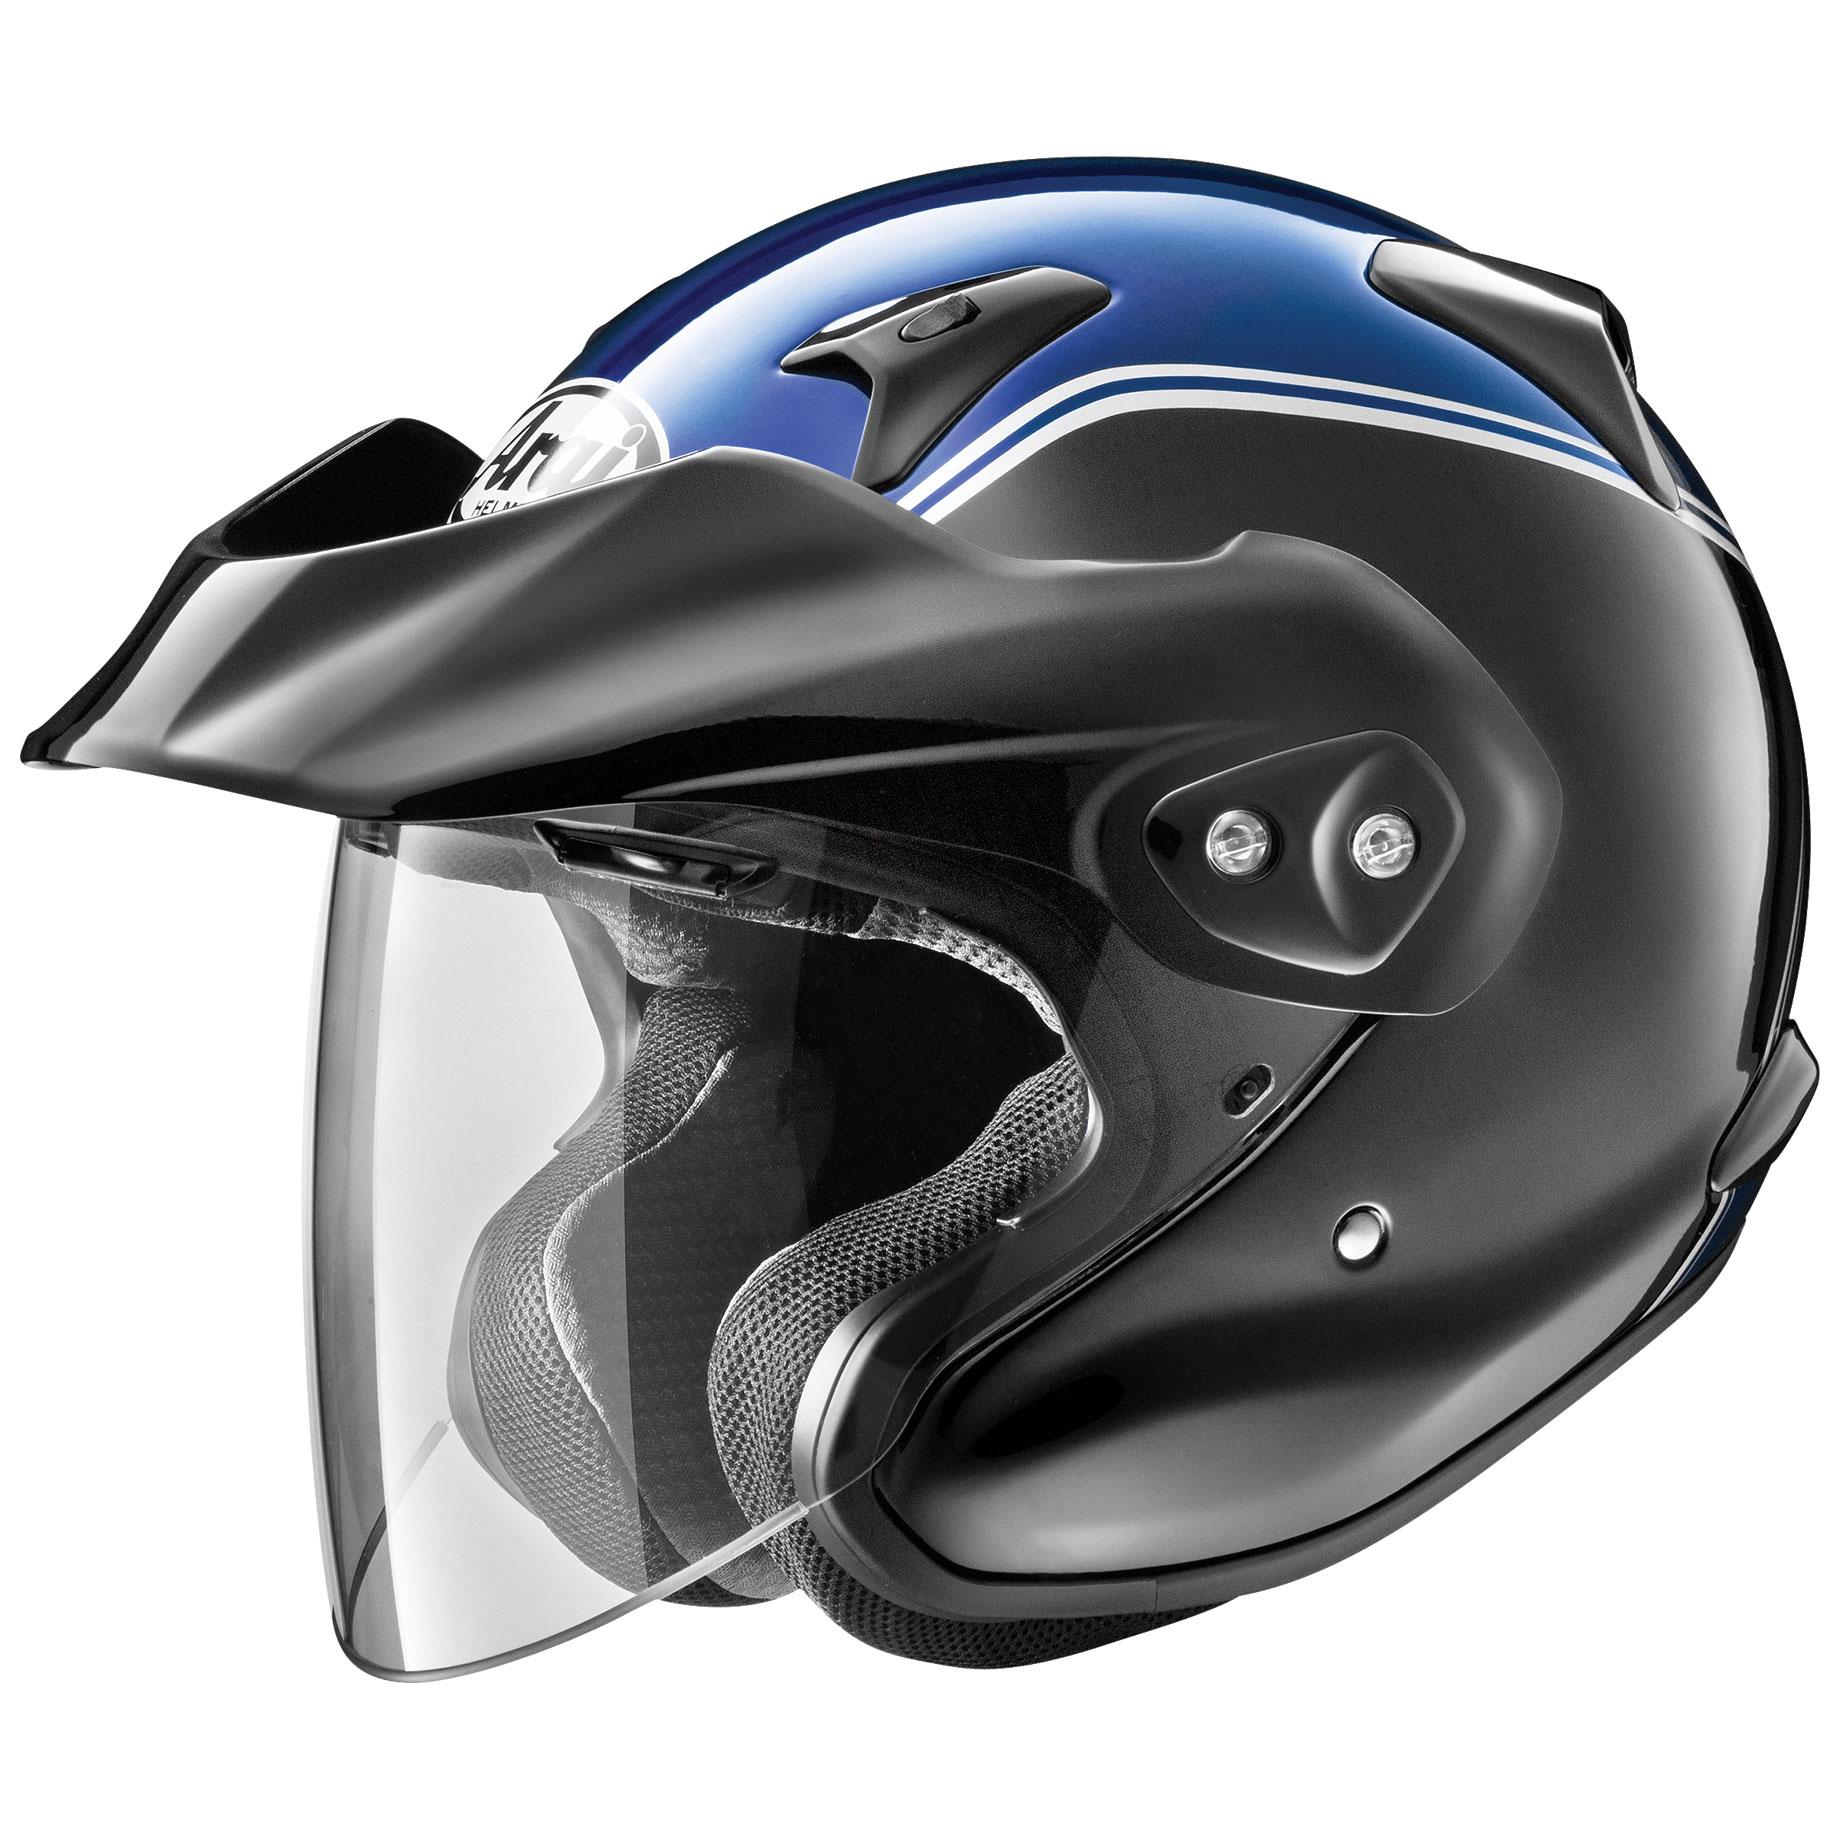 Arai XC-W Gold Wing Blue Open Face Helmet - 685311164803